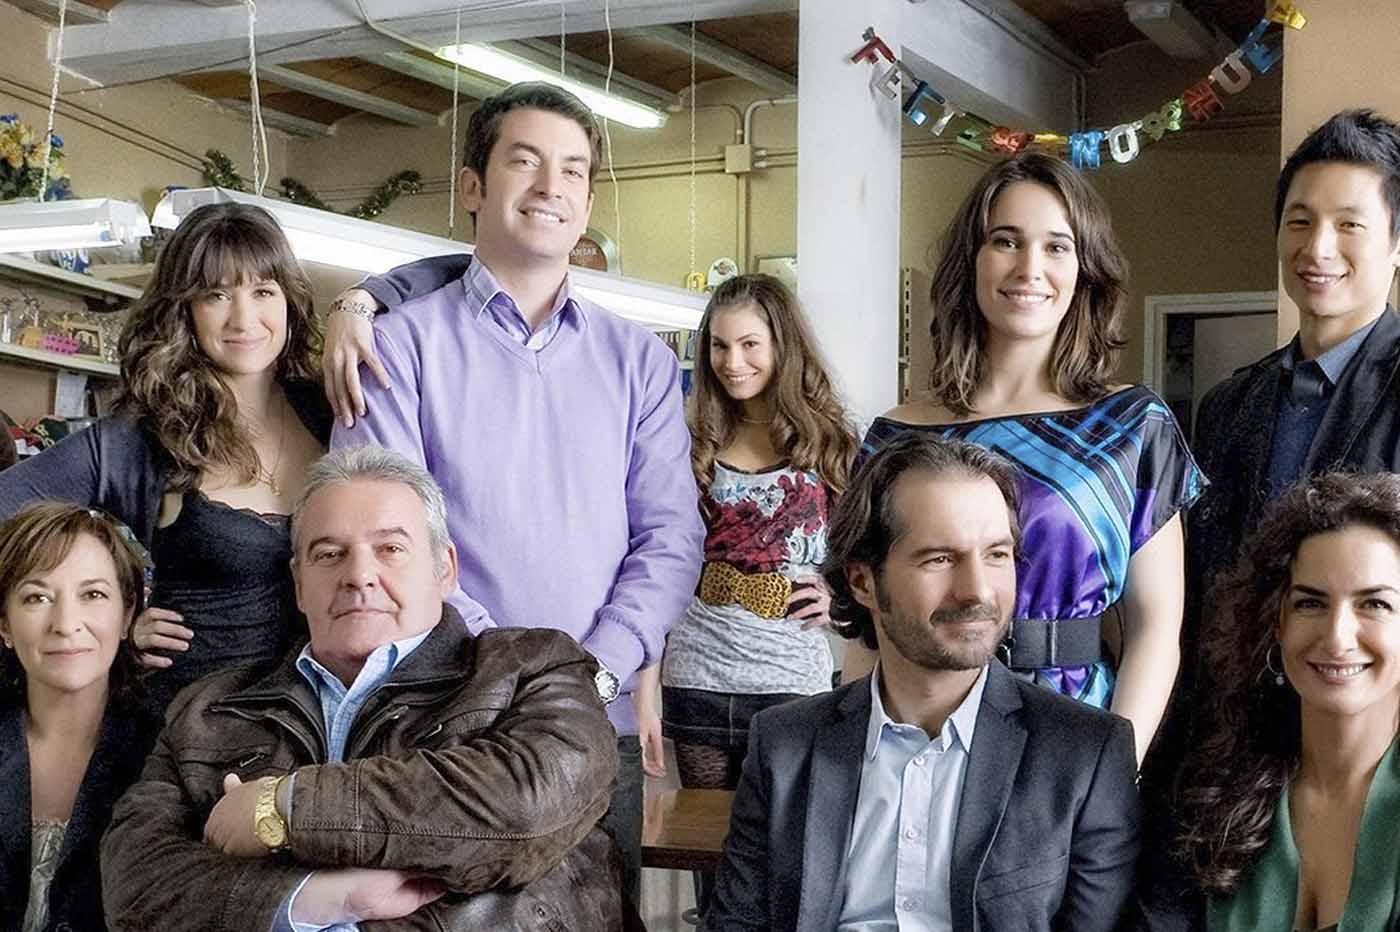 Critica Pelotas TVE